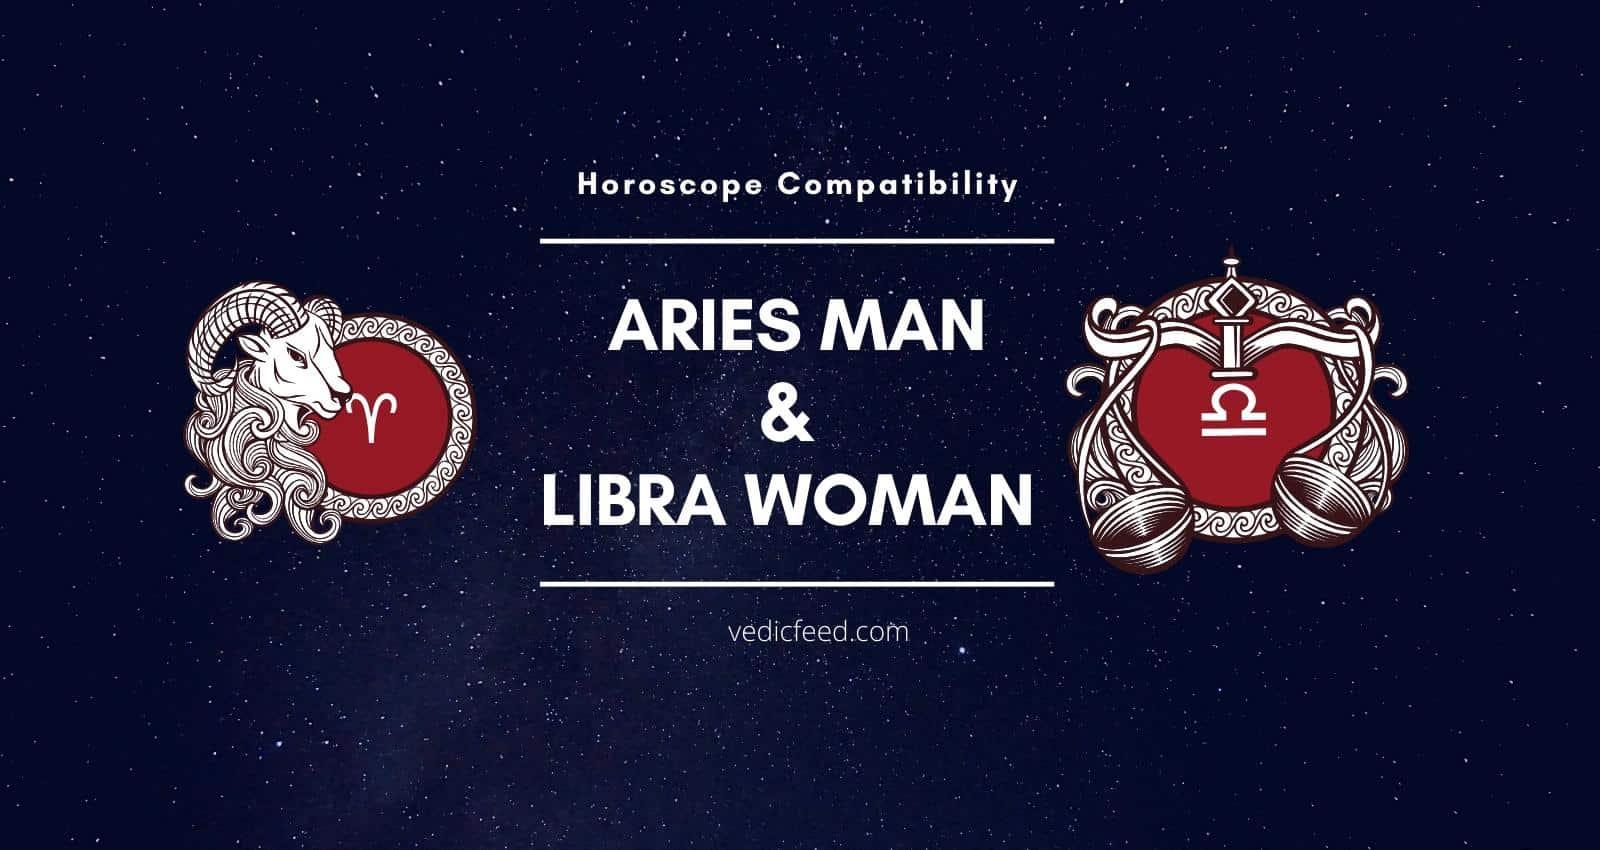 Aries Man and Libra Woman